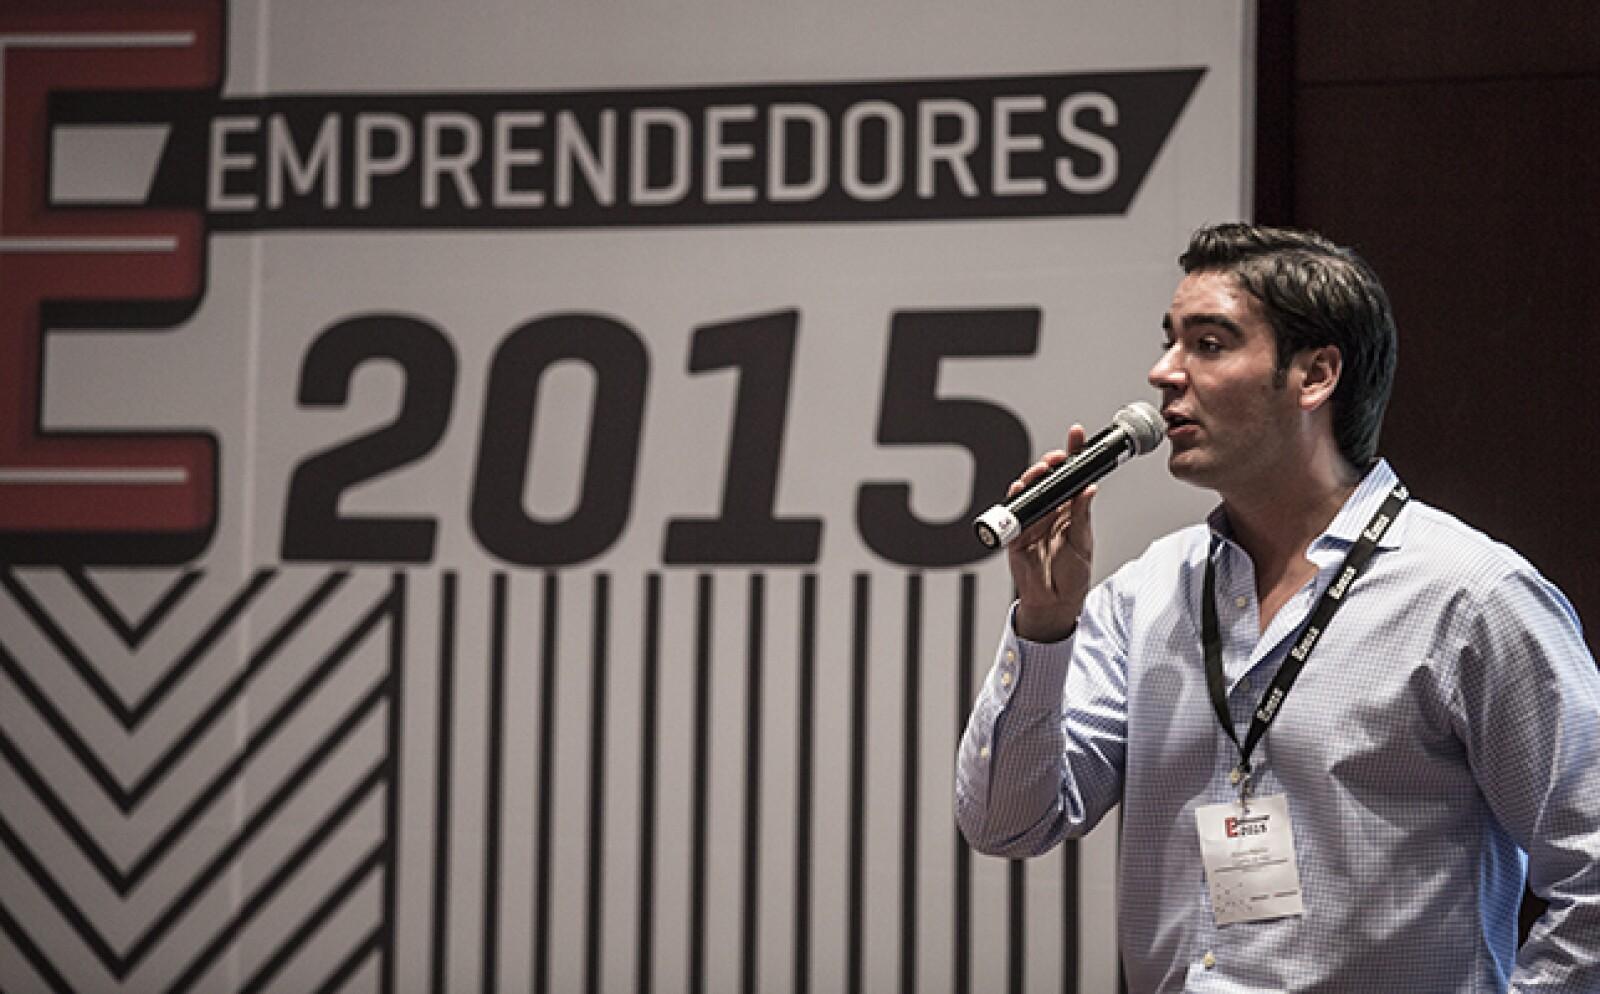 """Conforme abrían su 'corazón' emprendedor, más finalistas contaron sus fracasos, como Álvaro Aguilar de Cuarto de Kilo. """"Este camino es de resistencias, por eso debemos vivir y respirar por nuestro negocio"""", dijo."""